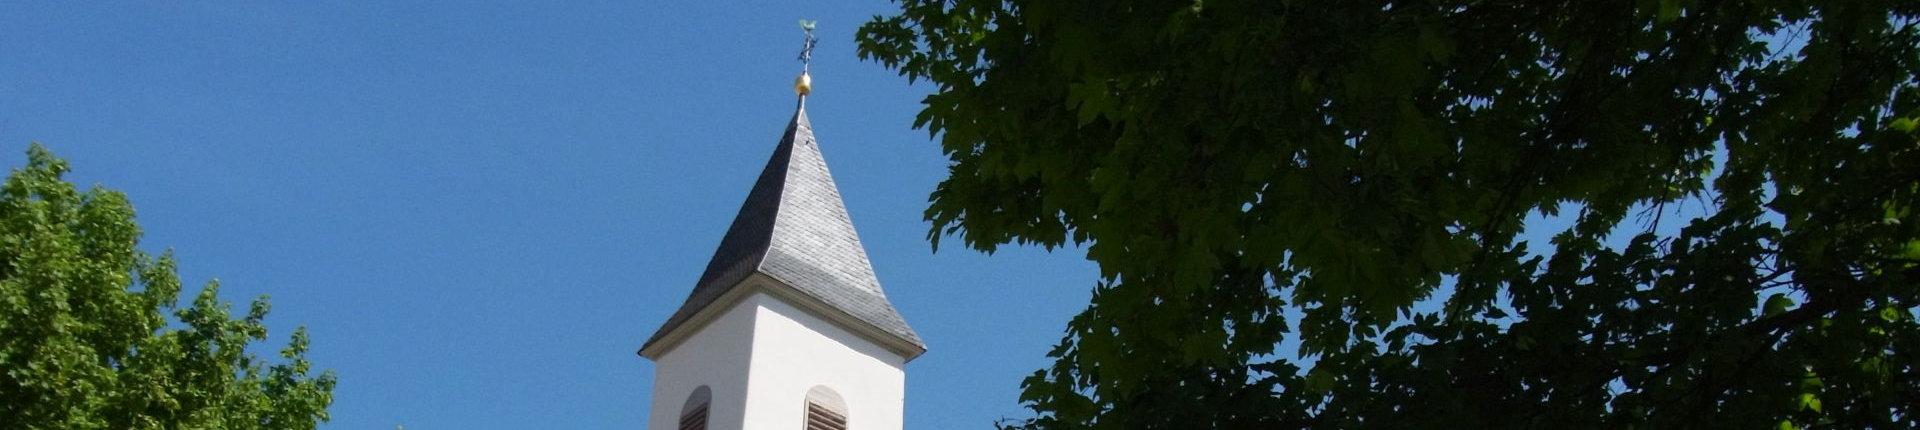 Kreuzkirche / Quelle: Ulrich Offermann